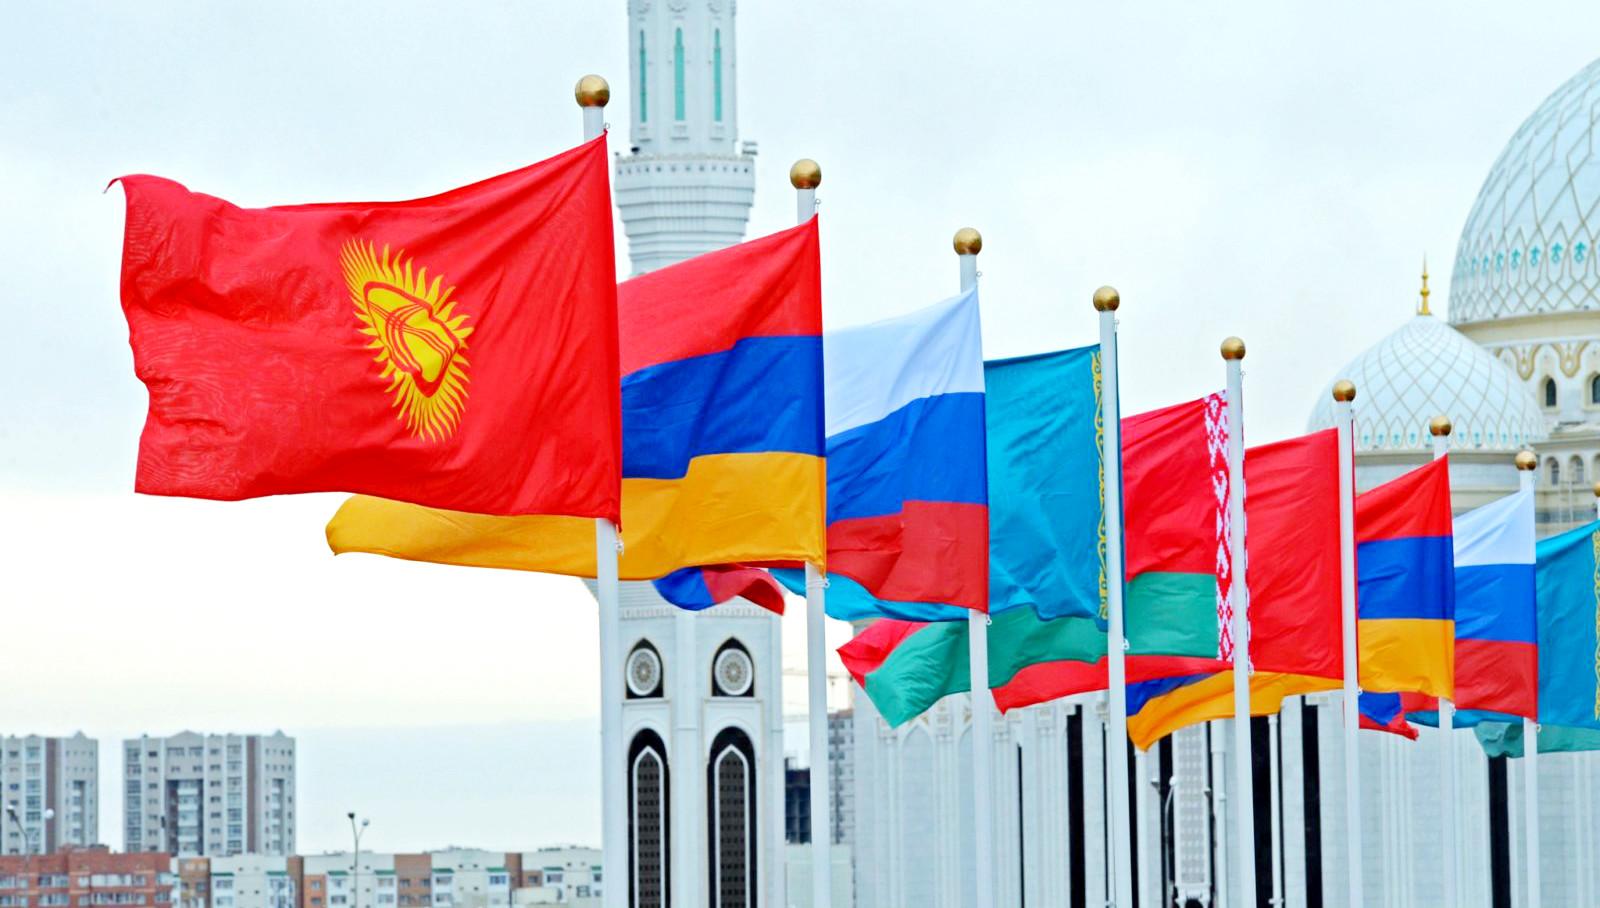 Сергей Глазьев: «Главный приоритет ЕАЭС – достижение высоких темпов долгосрочного экономического роста»